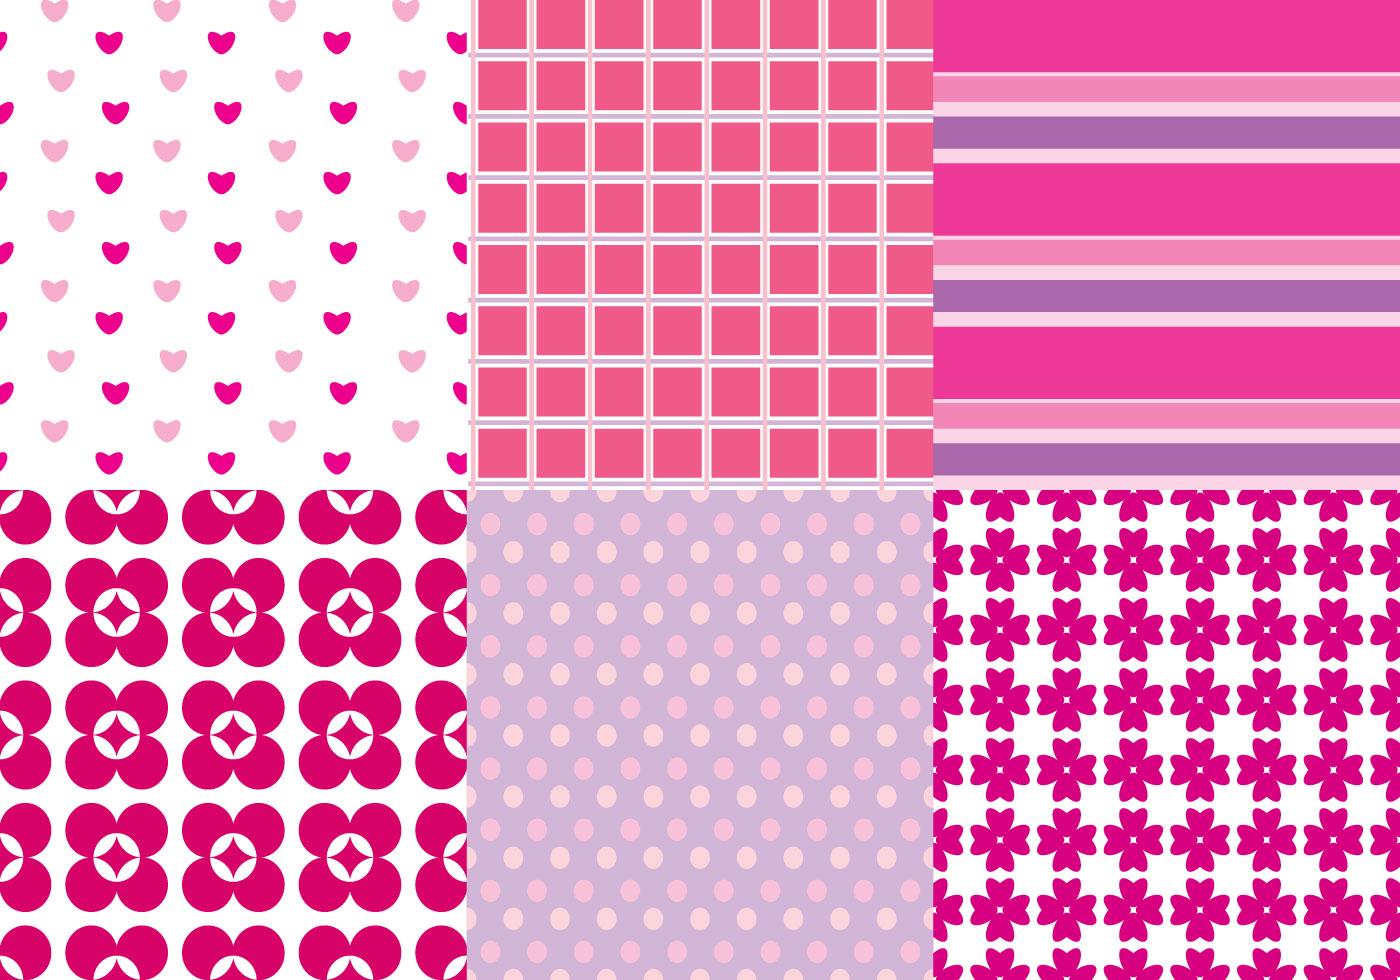 Pink Pattern Vectors - Download Free Vectors, Clipart